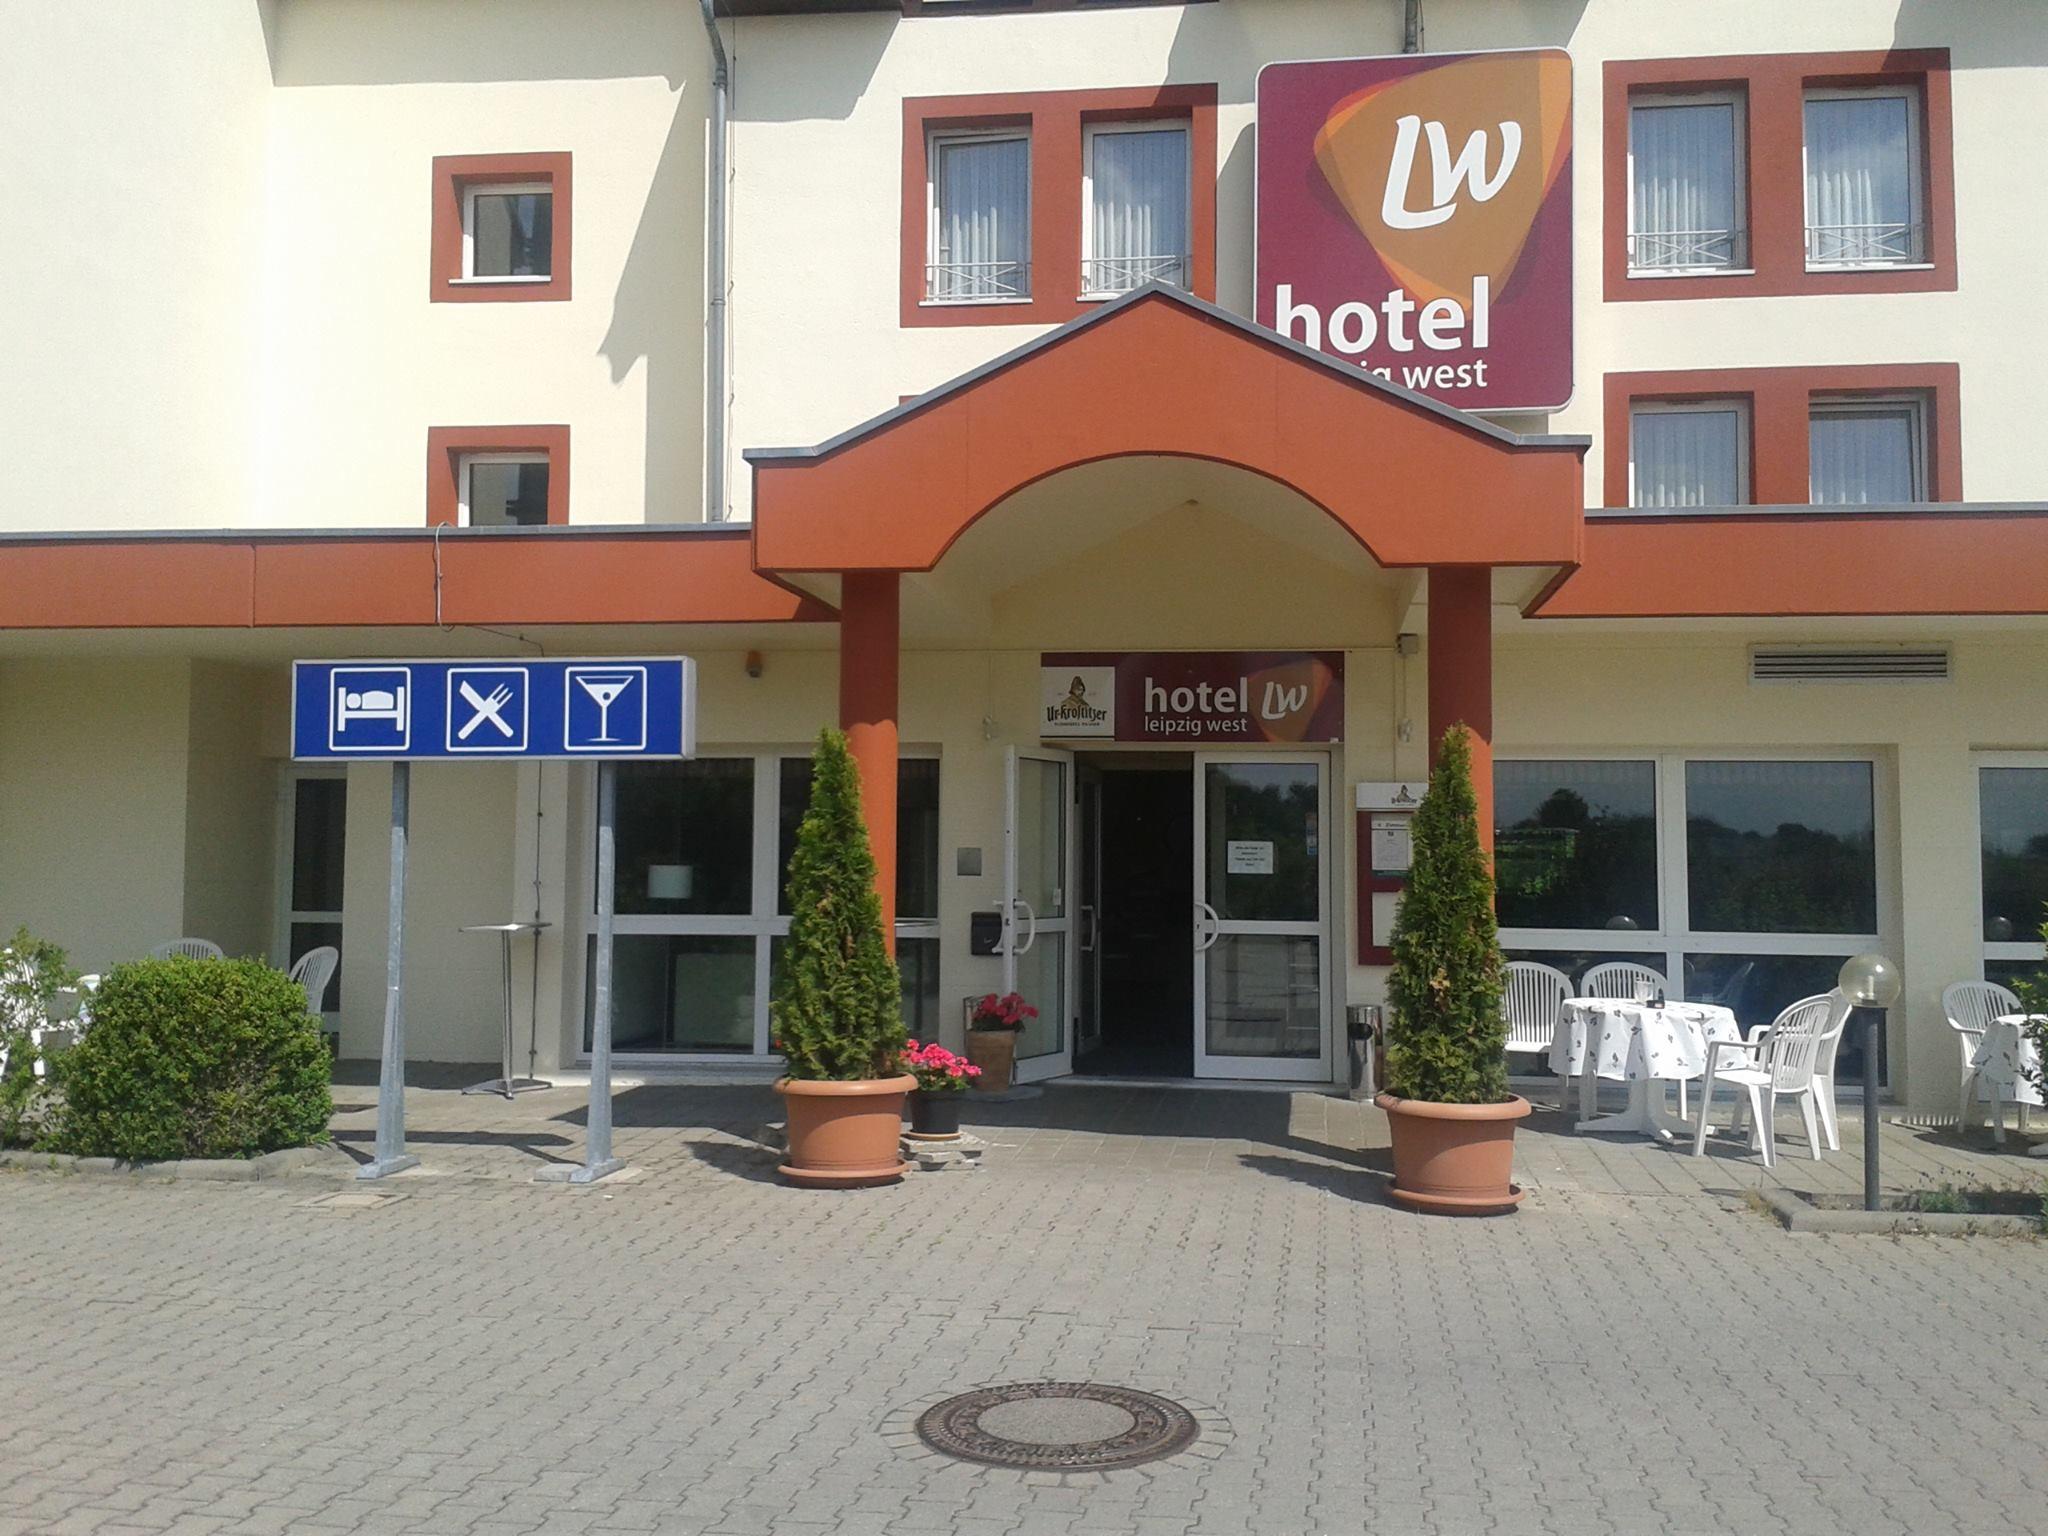 Hotel Leipzig West - 16 Bewertungen - Schkeuditz Dölzig ...